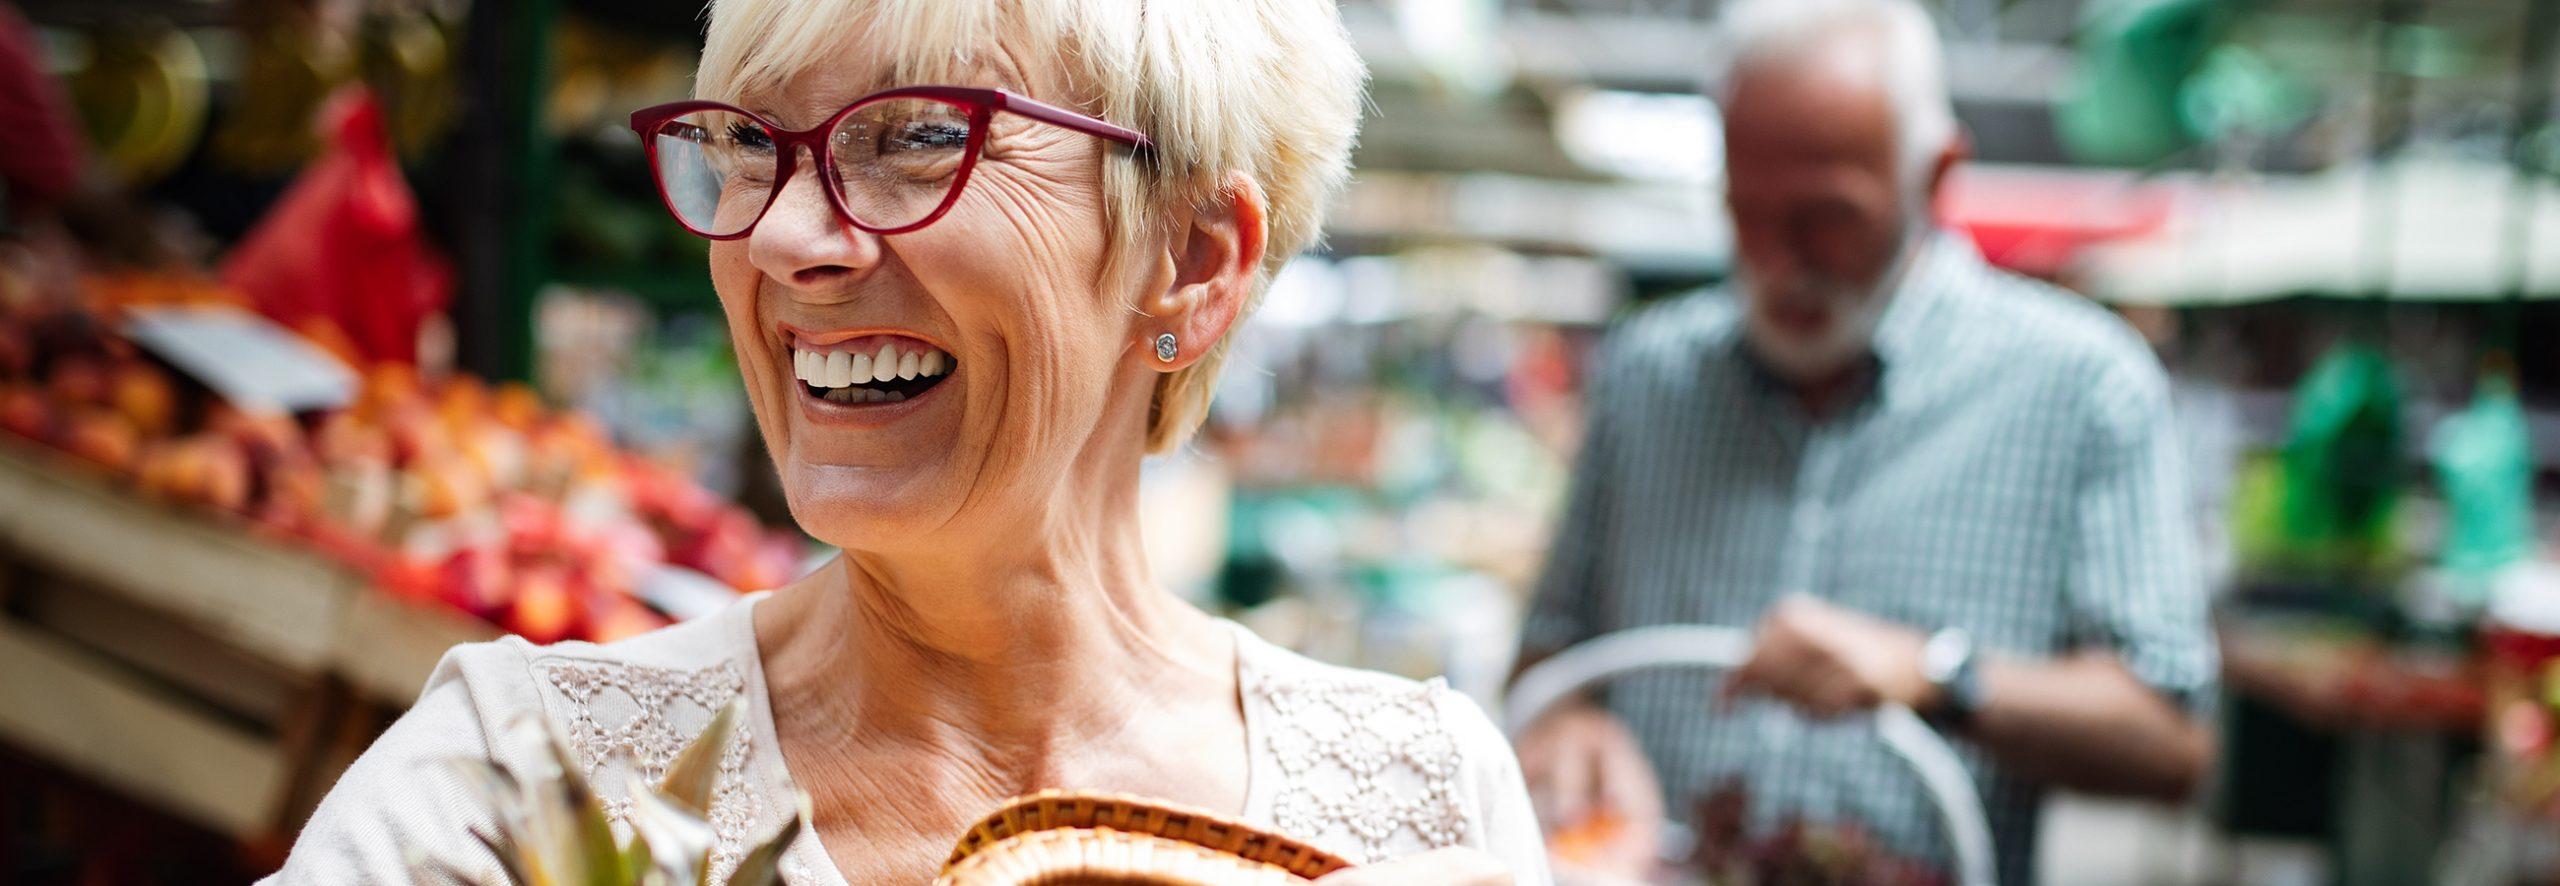 Frau lacht zufrieden dank Zahnersatz aus Sauerlach